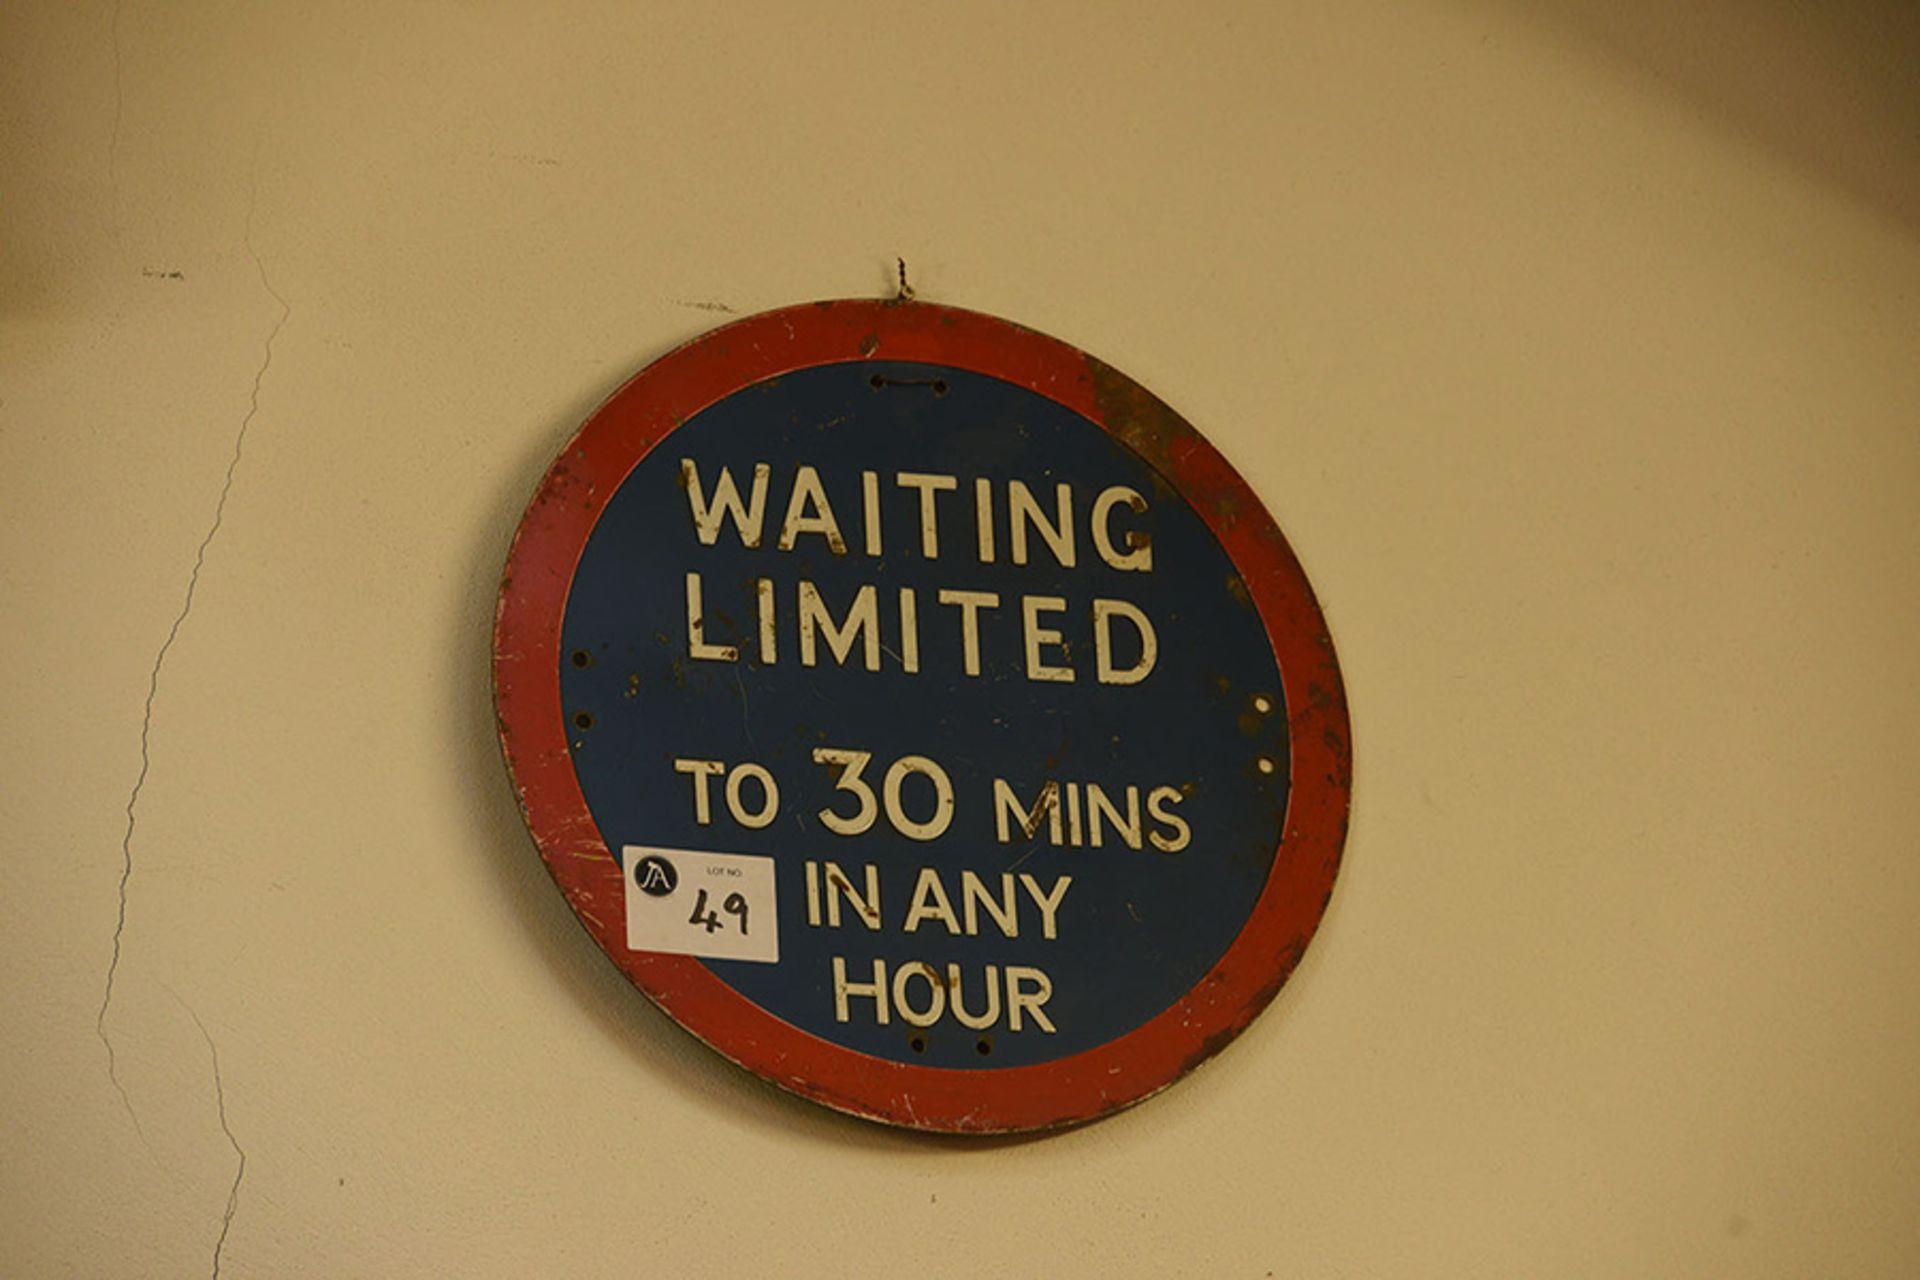 Lot 49 - 30 Mins Waiting Limit Sign